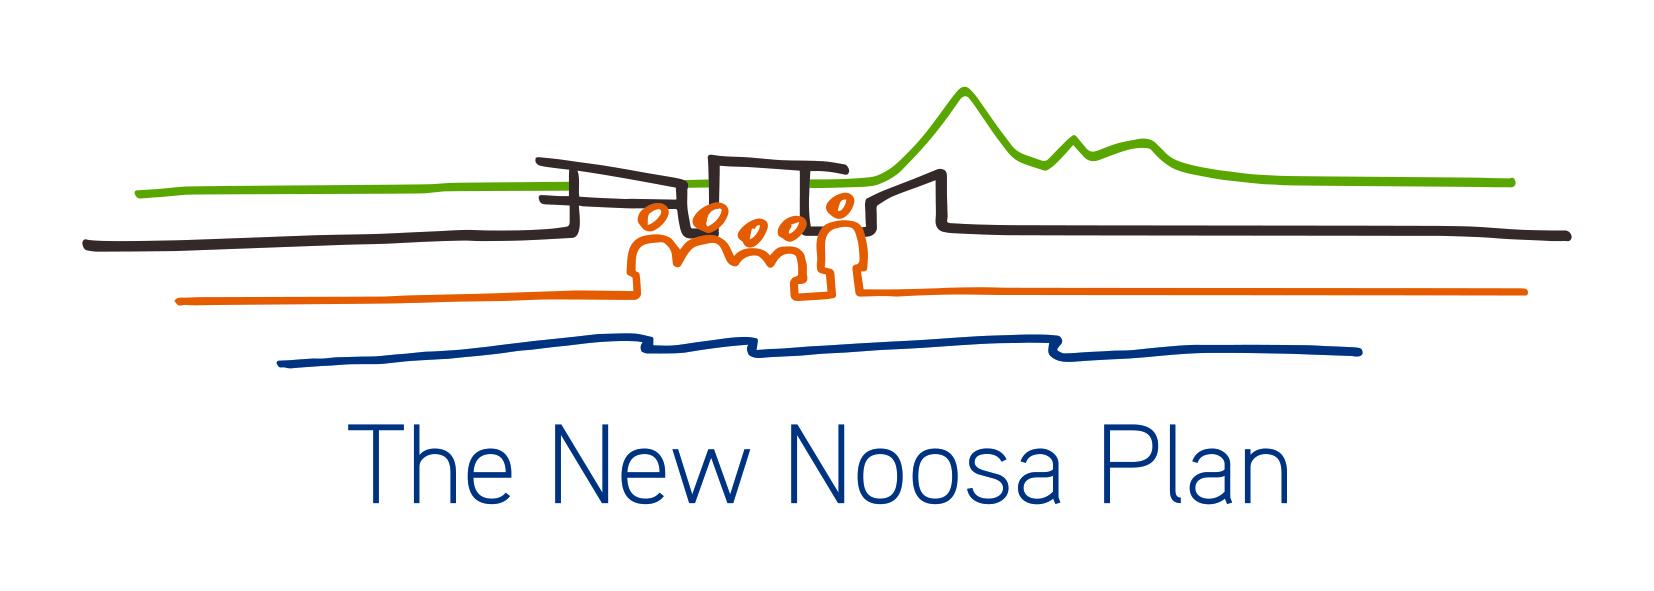 Noosa plan logo line drawing